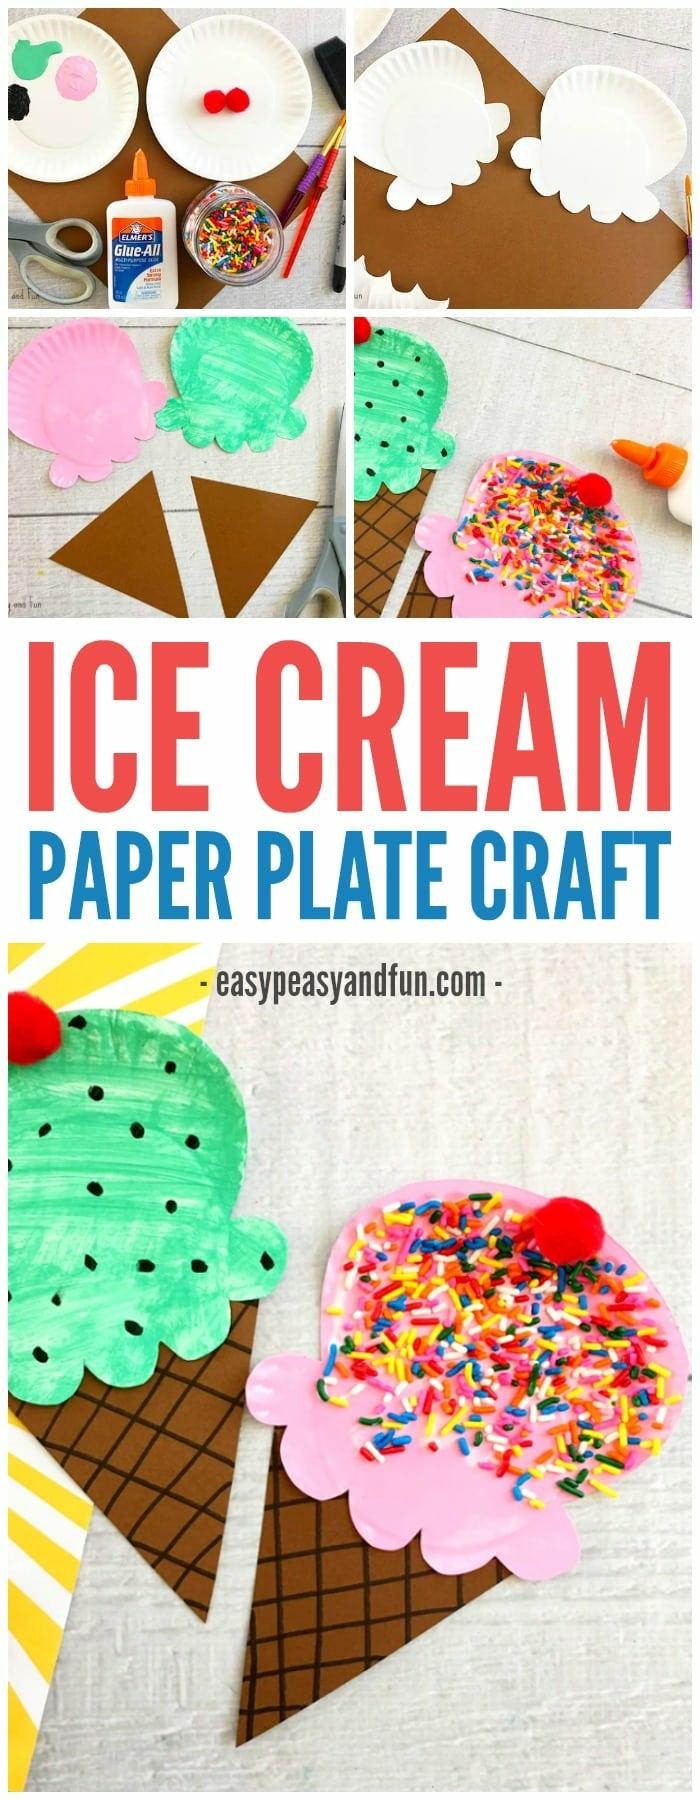 DIY Schritt für Schritt Anleitung zum basteln von Eis aus Papptellern, Muttertag basteln Kinder Pinterest